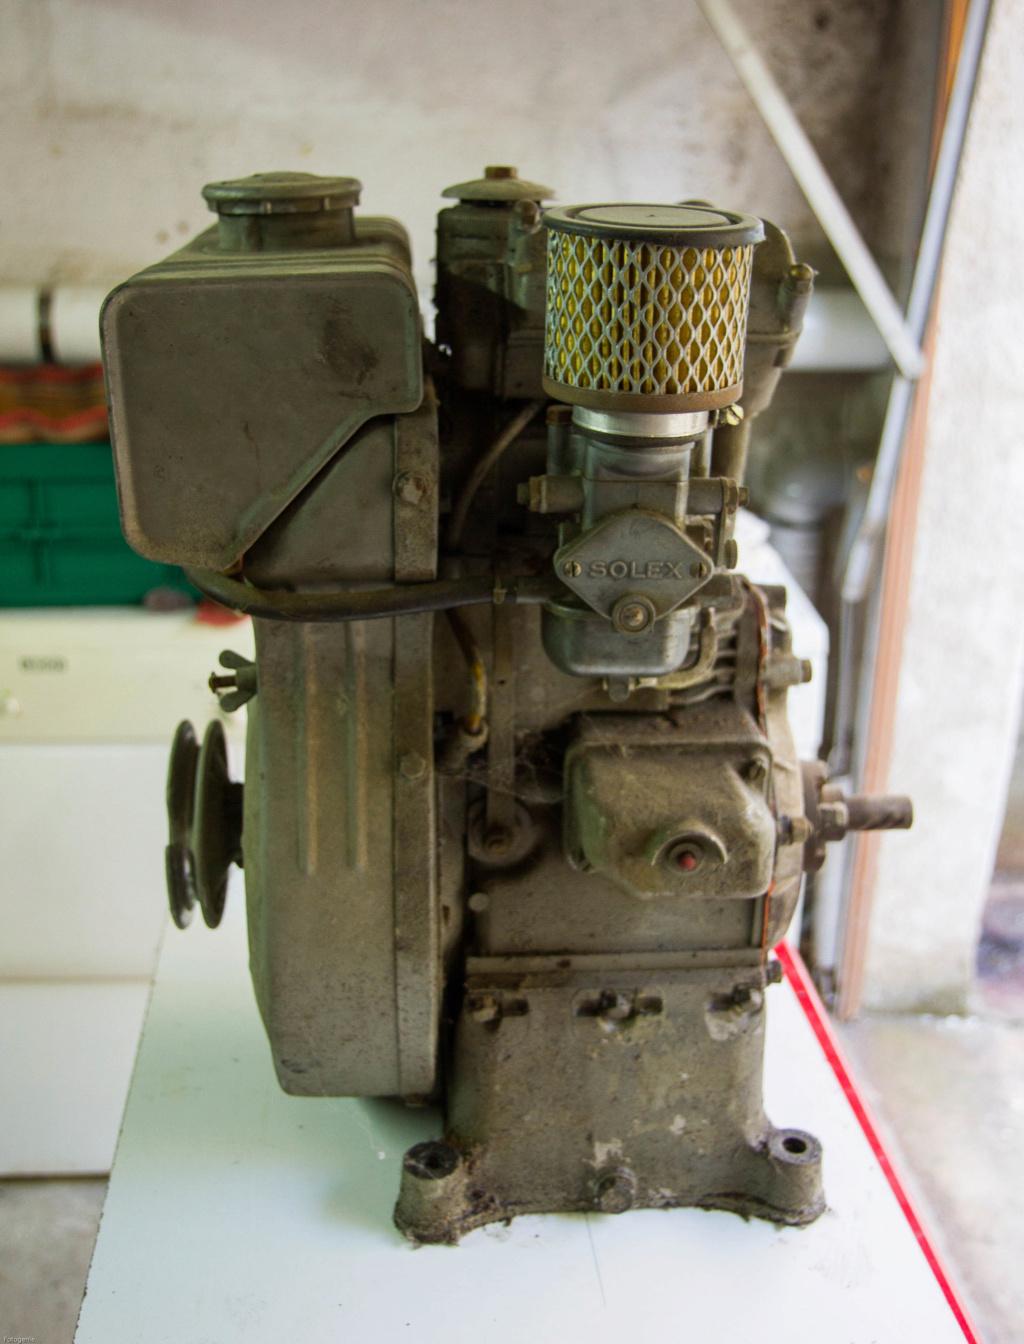 ( Vends) : PPXS8 , PP2x , moteurs bernard et autres ... Img_9124